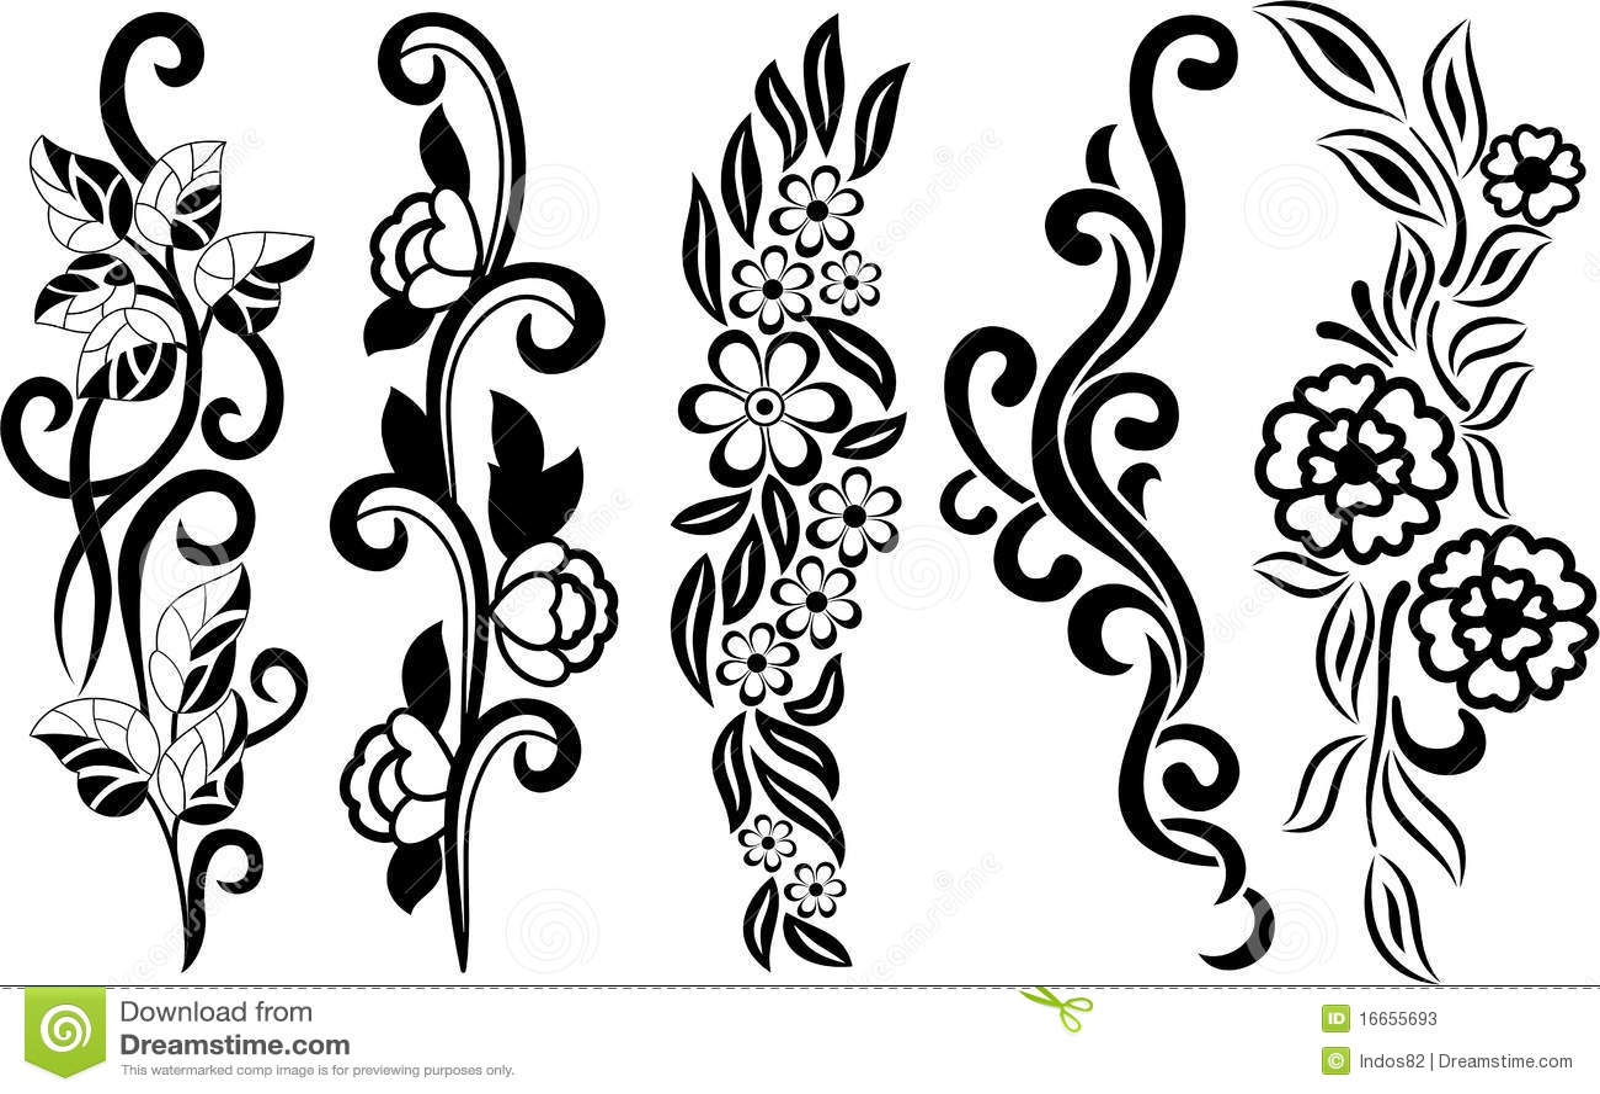 要素花卉集